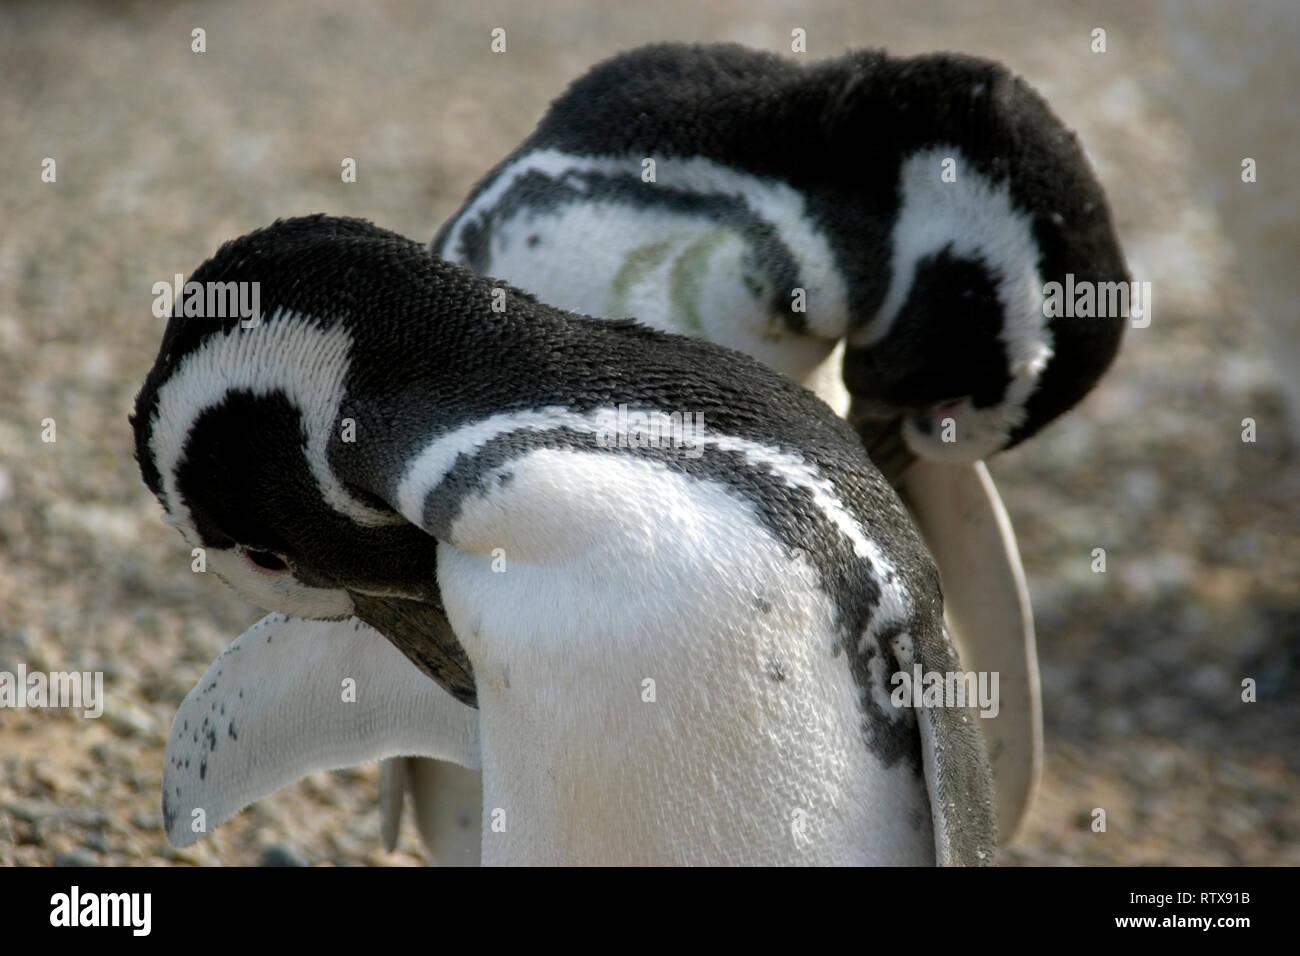 Magellanic Penguins, Spheniscus magellanicus, Pinguinera Punta Tombo, Rawson, Chubut, Patagonia Argentina Stock Photo